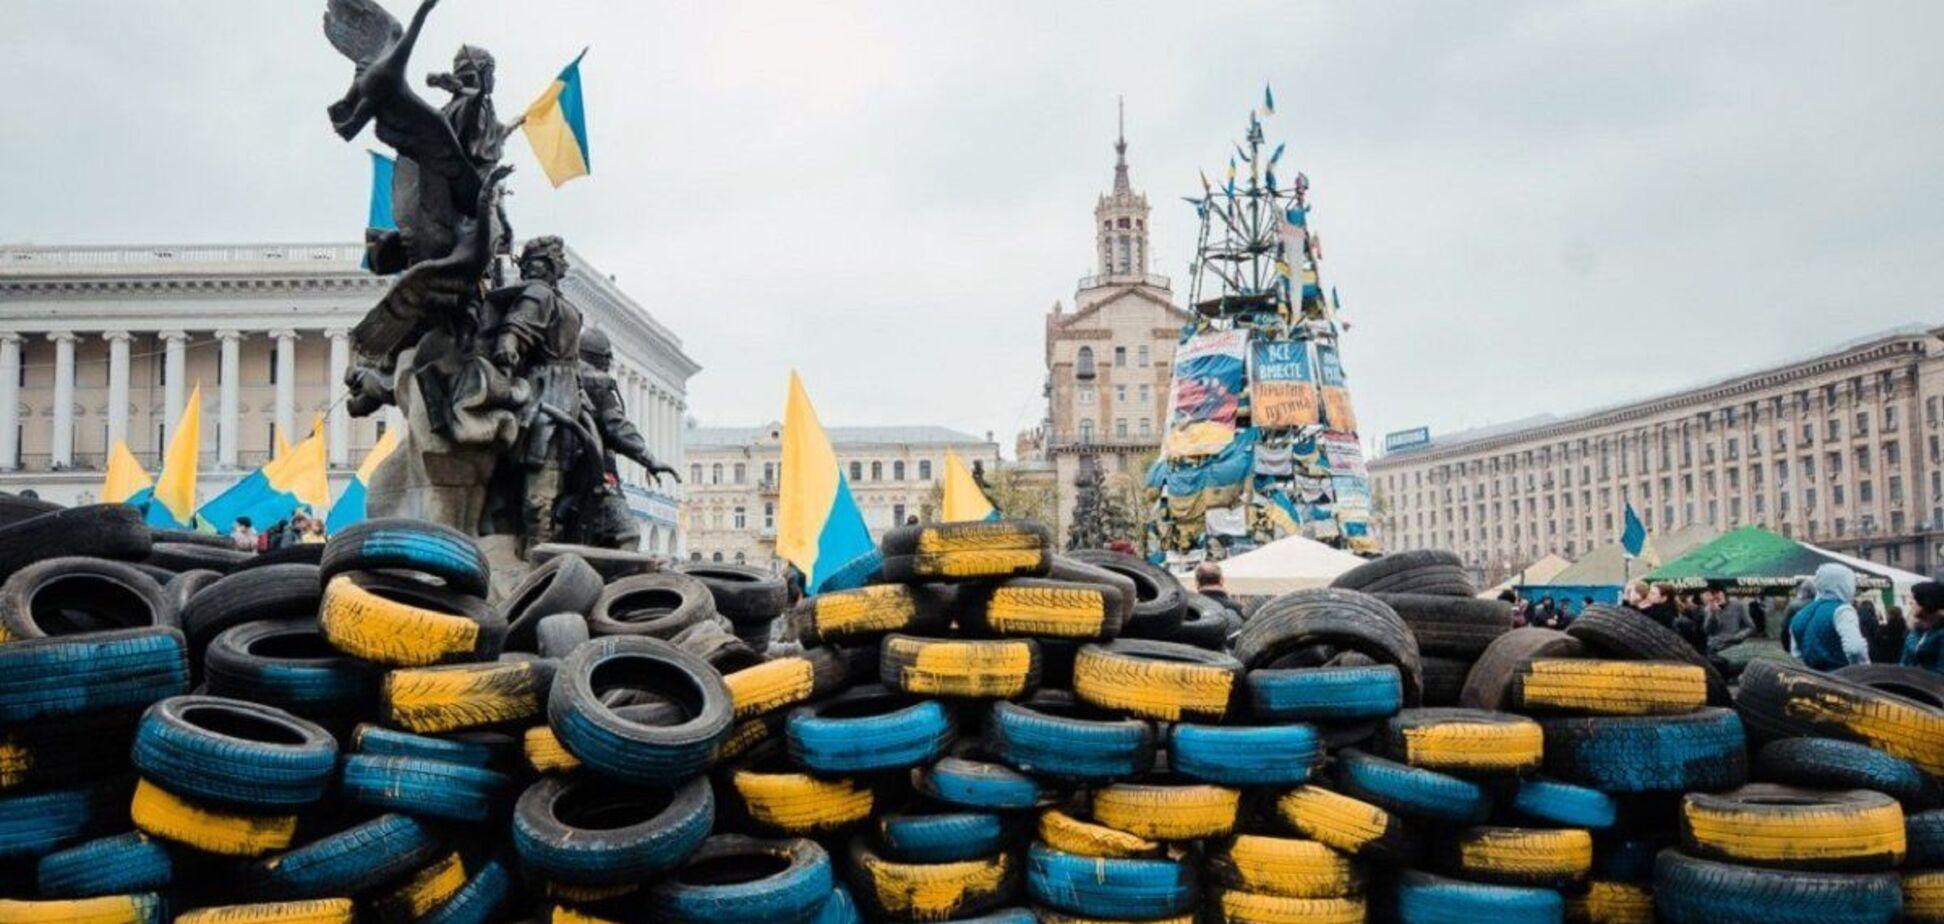 Годовщина Евромайдана во время карантина выходного дня: стал известен план мероприятий в Киеве